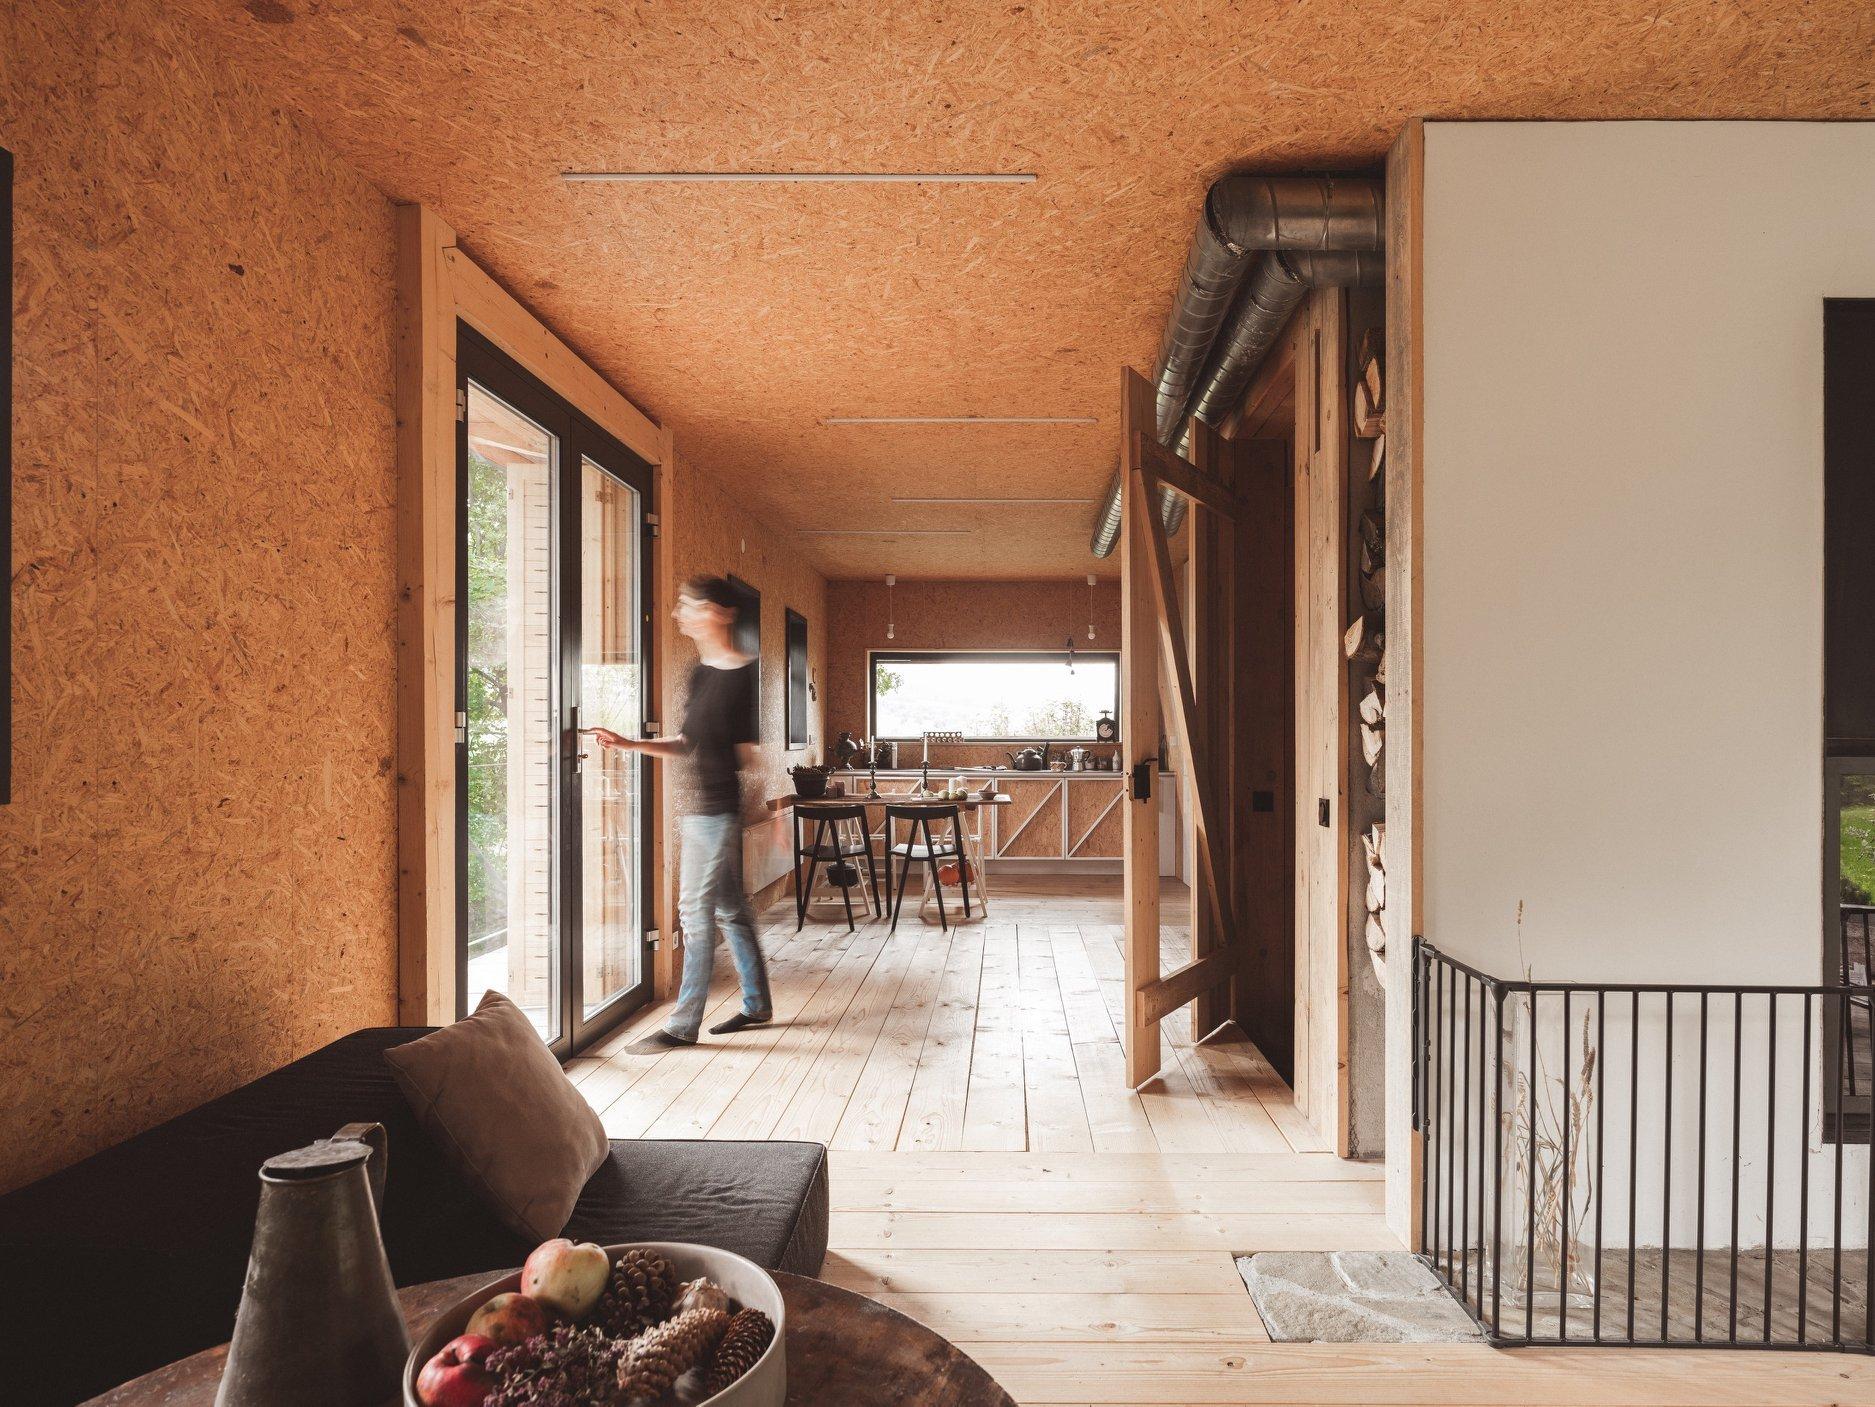 V půvabném prostředí vesnice Kasina Wielka na samém jihu Polska vyrostl naprosto kouzelný víkendový dům. Vzdává hold přírodním materiálům, tradici a minimalismu. Spolu s tradičními se v něm prolínají i moderní prvky. Své sympatie si získává jak nenáročností majitelů, tak vůní lesa a pohody.